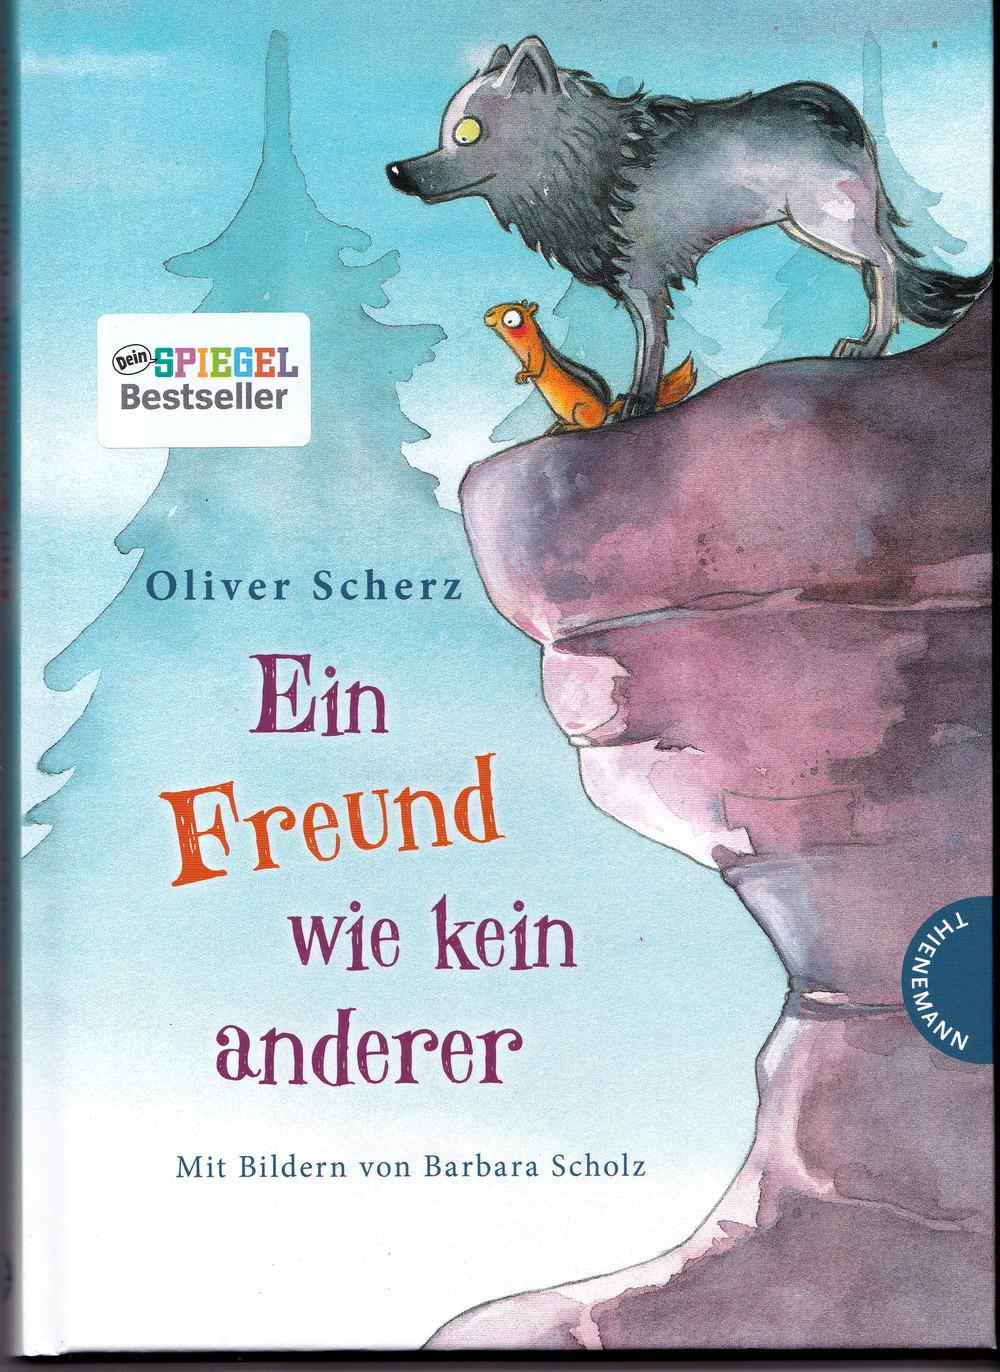 Kinderbuch über einen Wolf